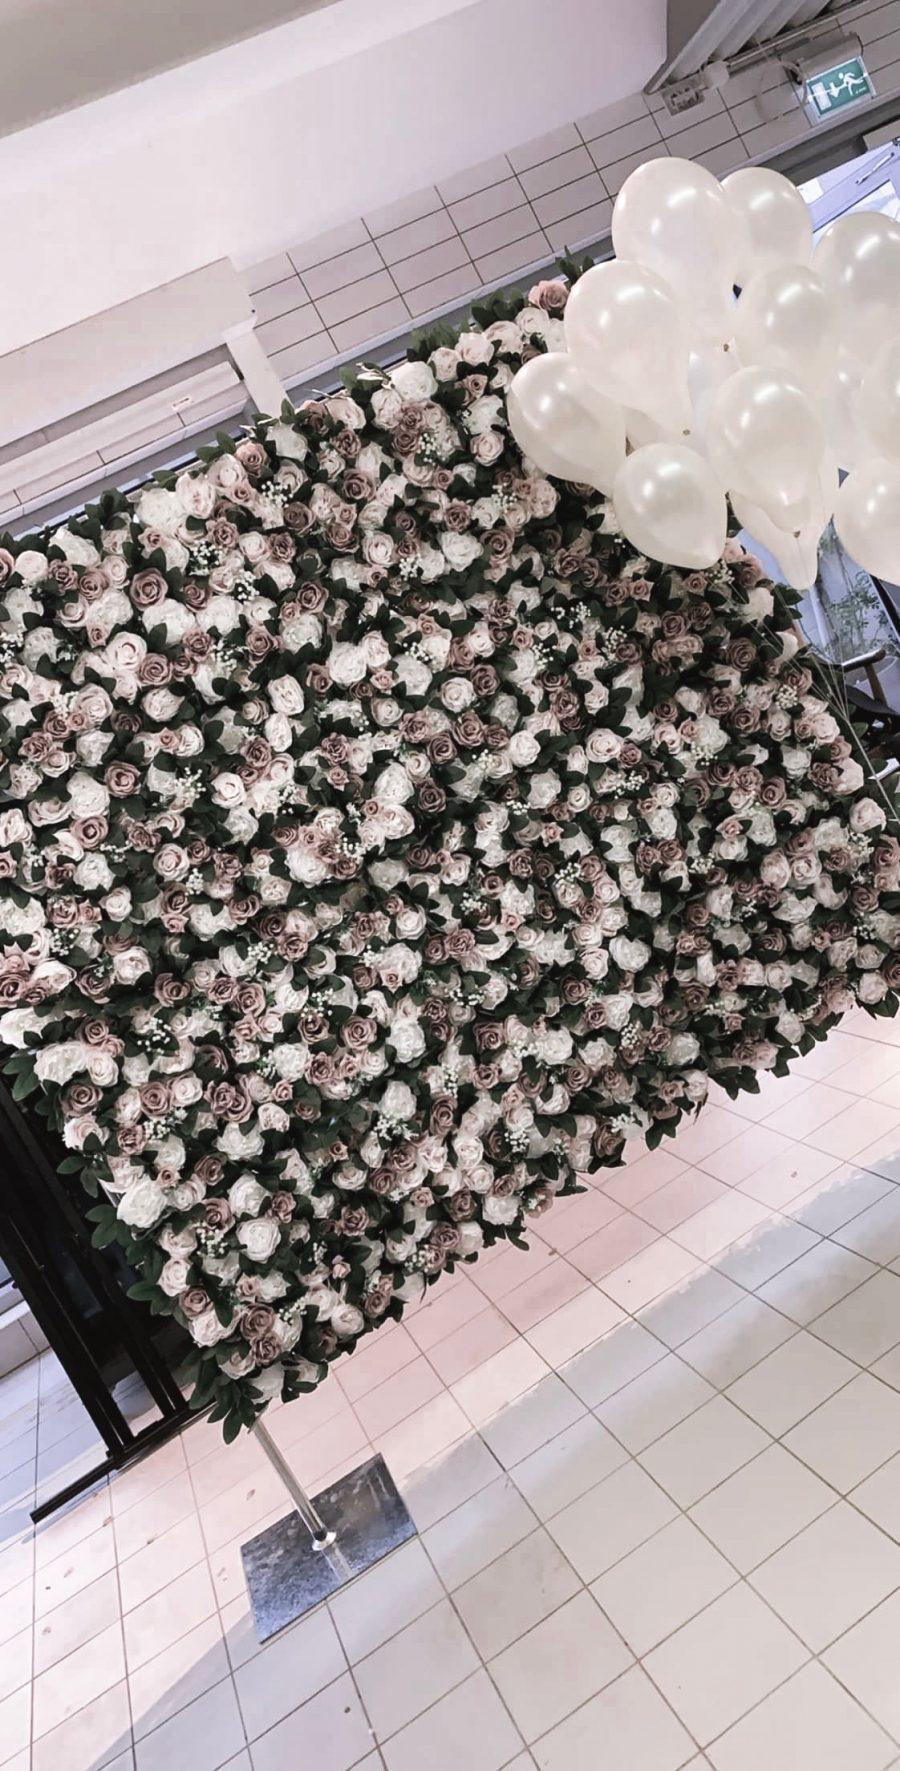 blomstervegg til leie, blomstervegg til bryllup, blomster vegg til bryllup. blomstervegg til dåp, blomstervegg til babyshower, blomstervegg til utdrikningslag, blomstervegg til bridal shower